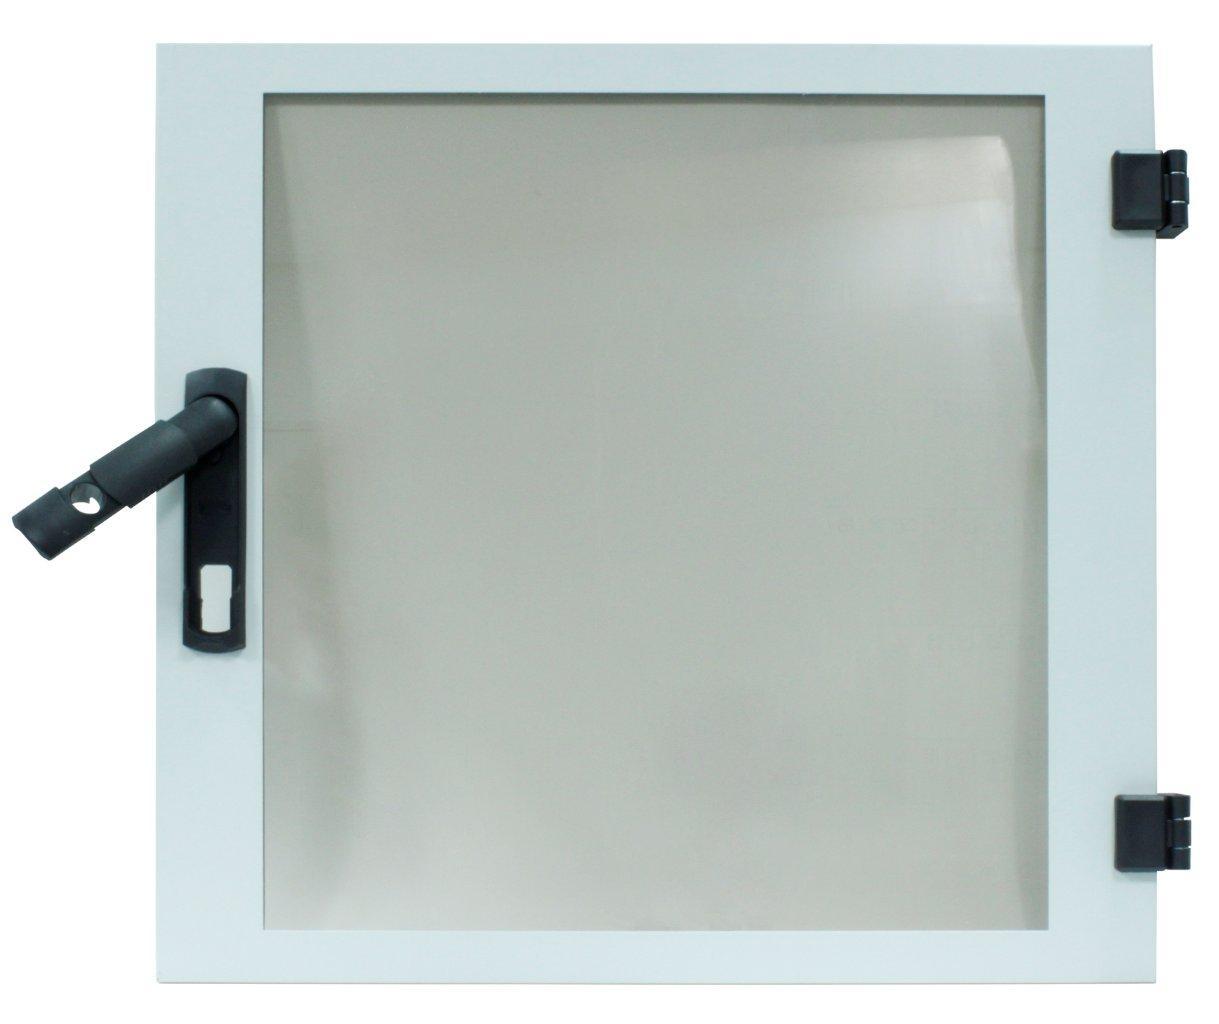 1 Stk Glas-Tür für DW-Schrank 6HE, B600, RAL7035, HZ-Vorbereitung DWRT0667--